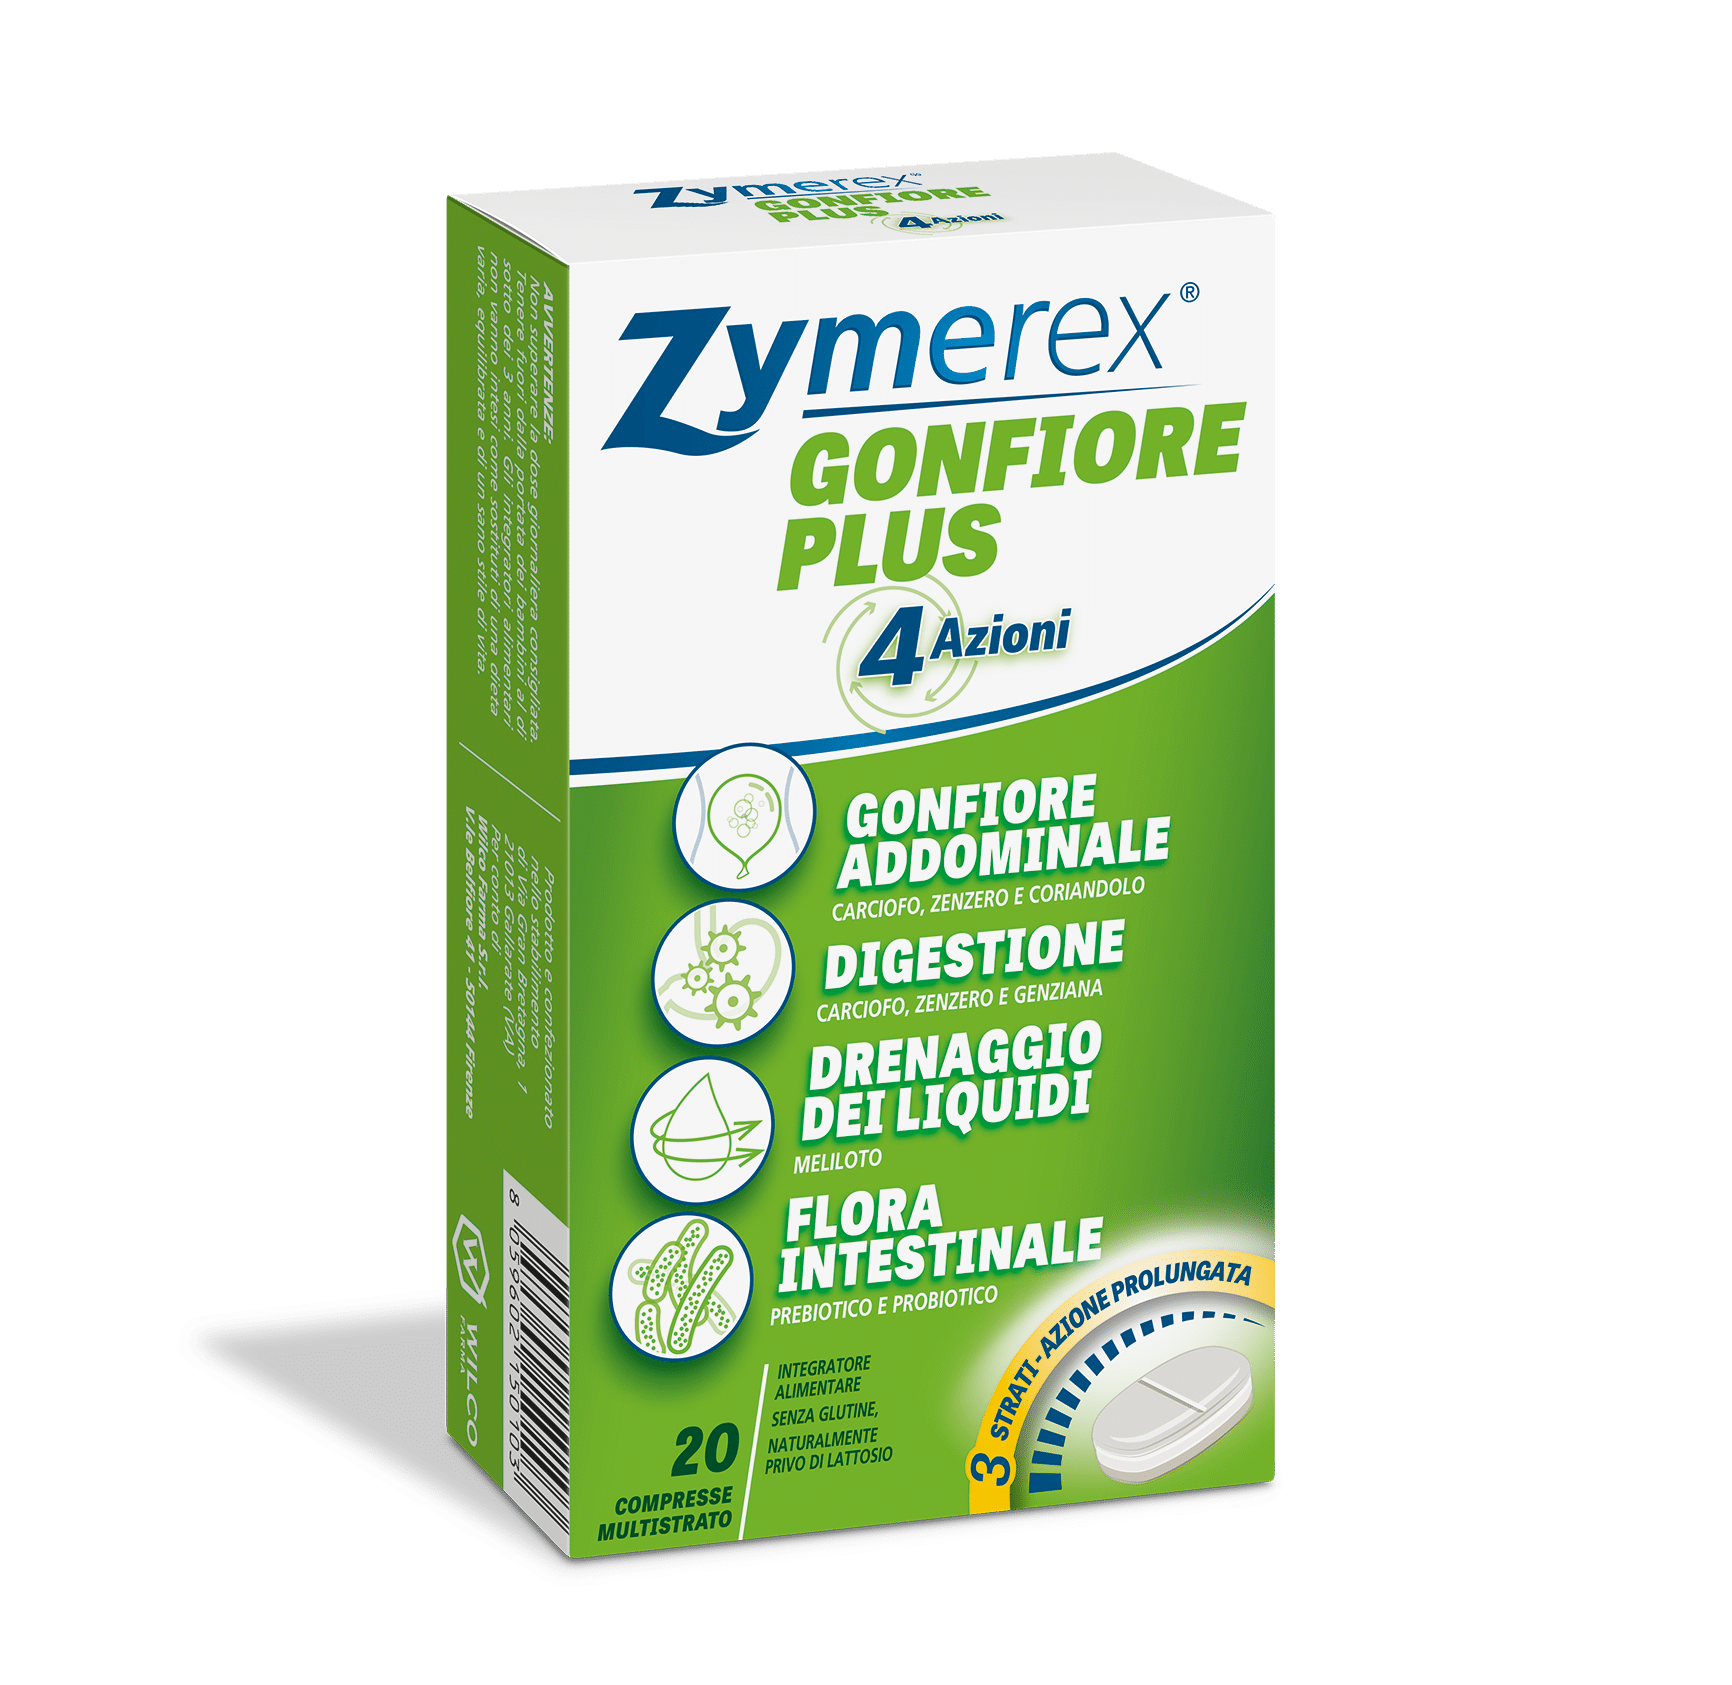 Zymerex® Gonfiore Plus 4 Azioni